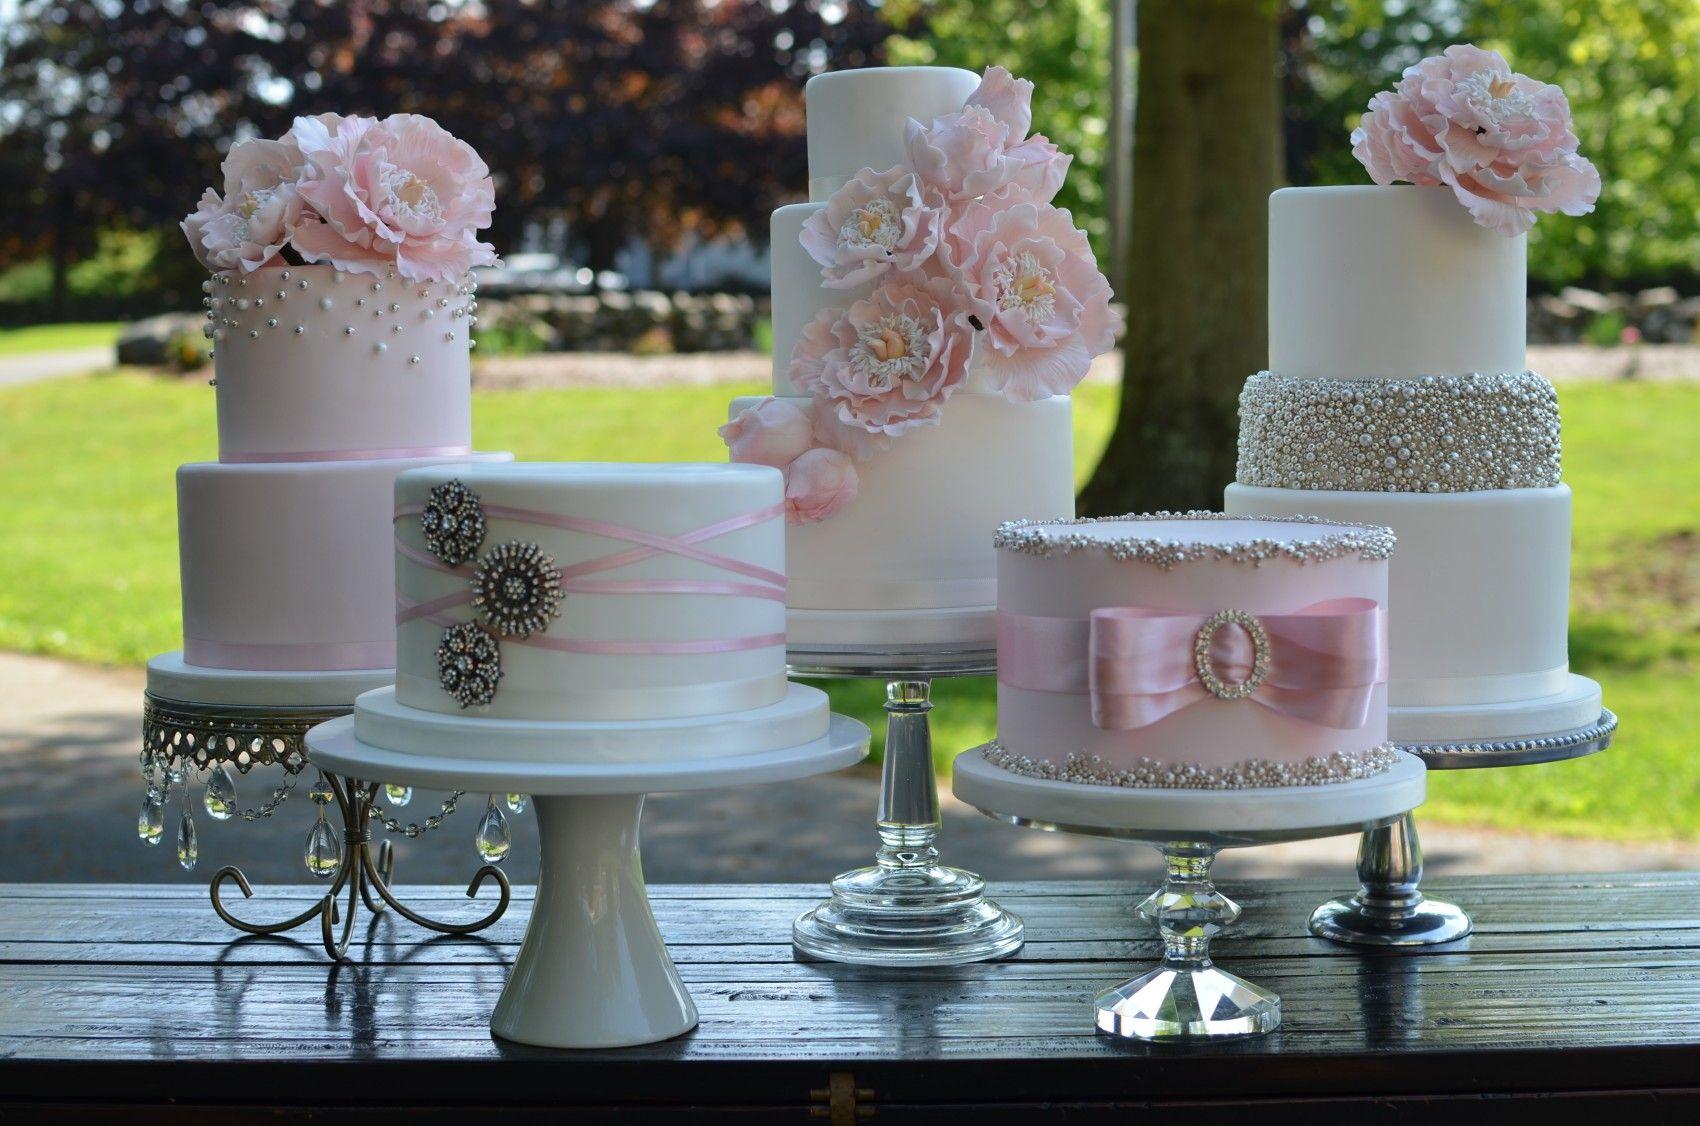 But a dream custom cakes ct cake design weddings uevents far